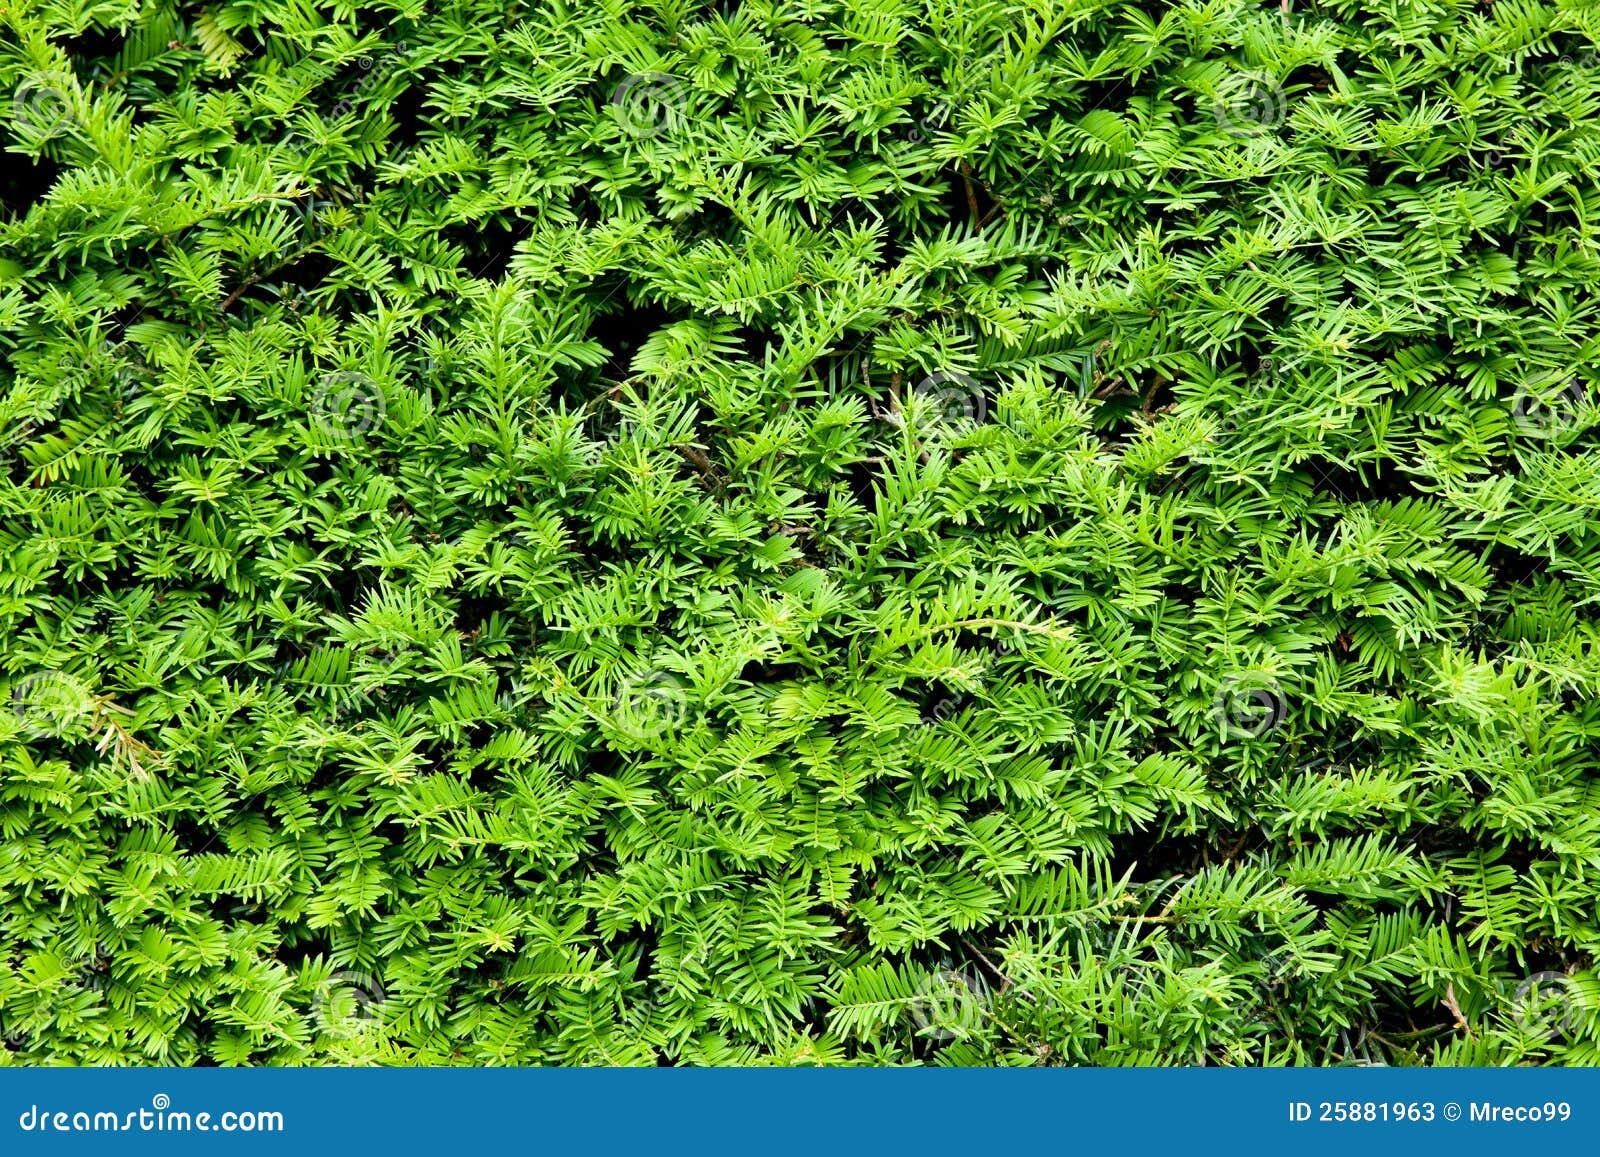 Yew Bush Close Up Background Stock Image - Image: 25881963